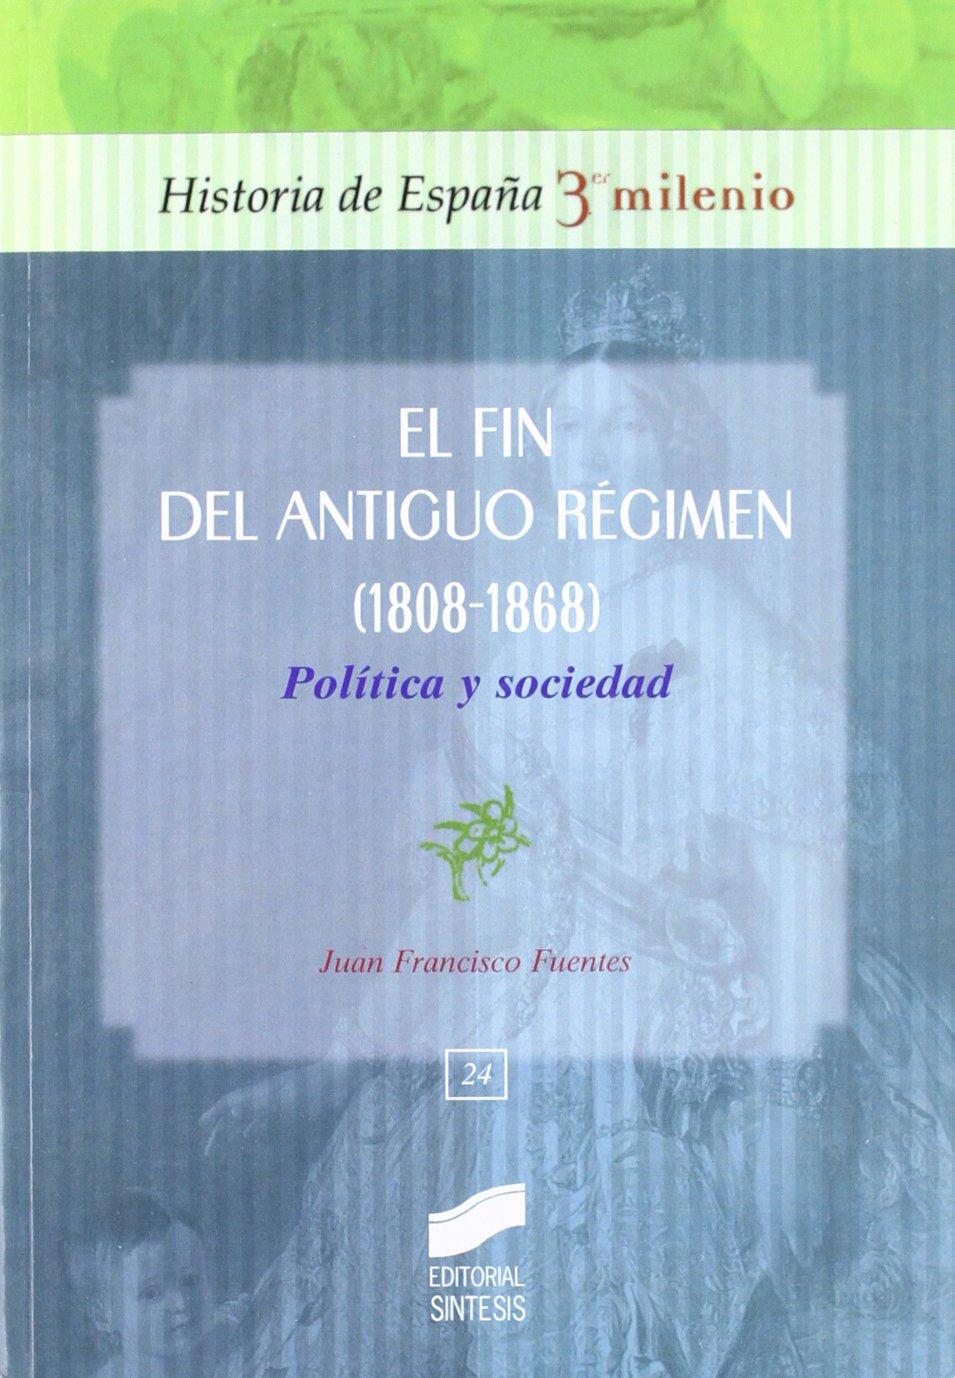 El fin del Antiguo Régimen 1808-1868 : política y sociedad: 24 Historia de España, 3er milenio: Amazon.es: Fuentes Aragonés, Juan Francisco: Libros